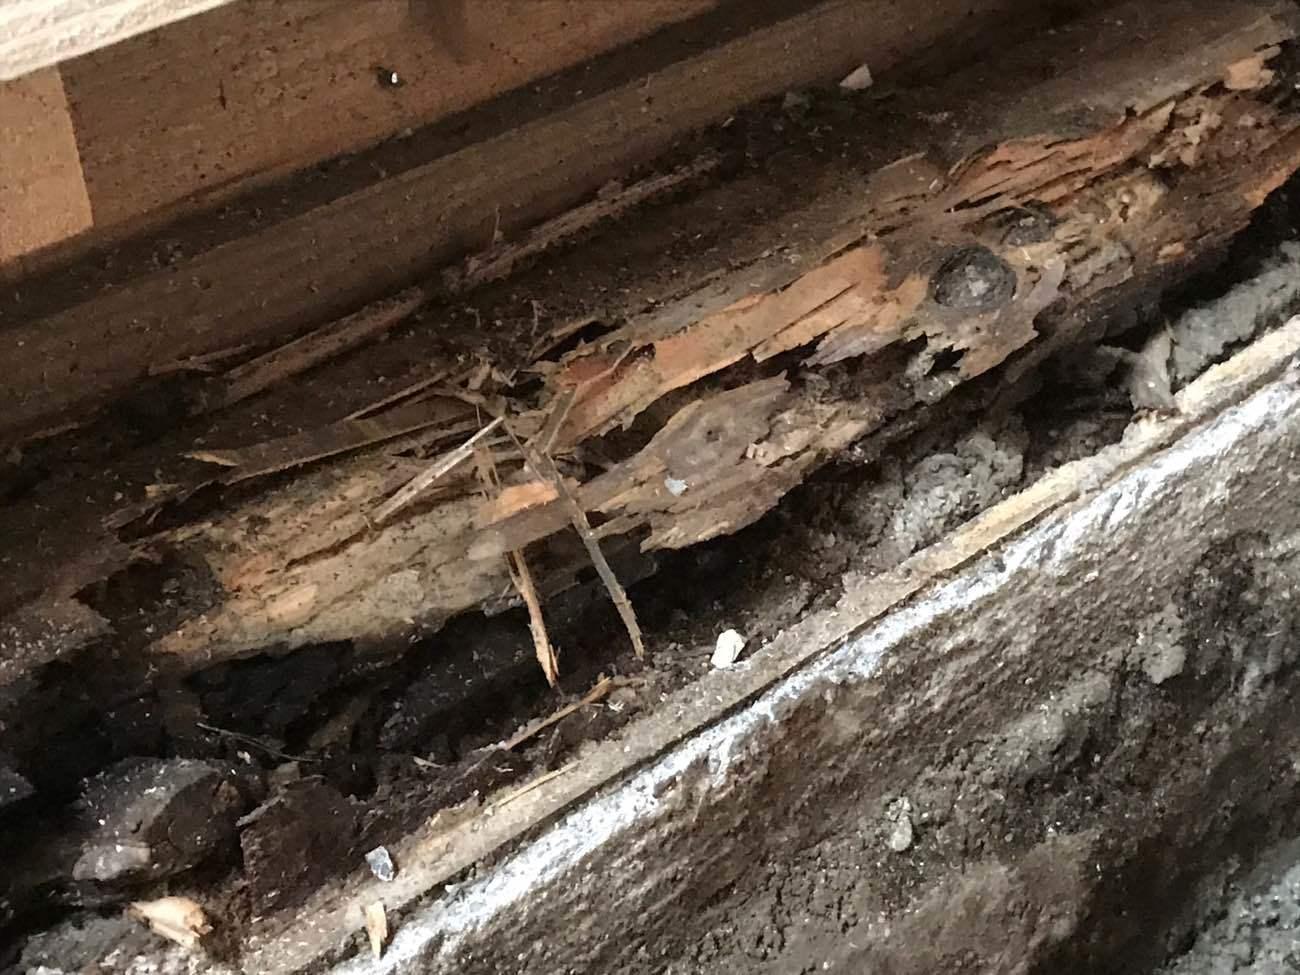 住まいの大敵『腐朽菌』とは|繁殖条件とお家を守るための4つの対策